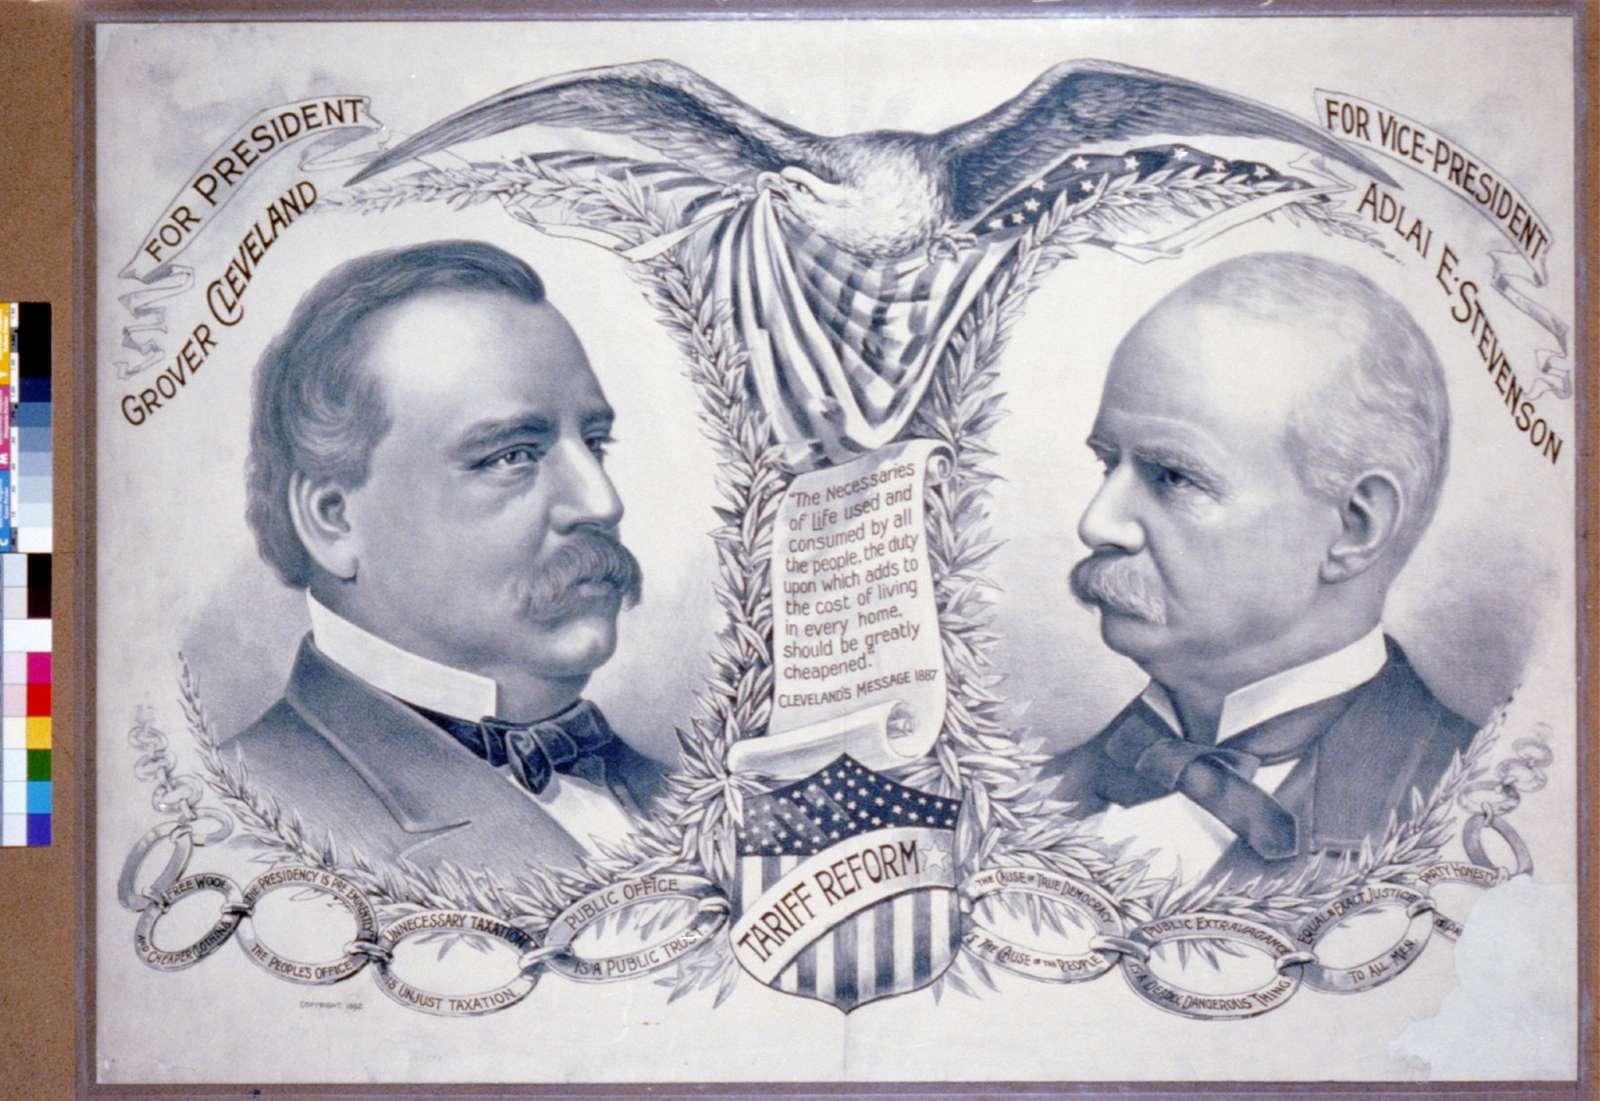 For President, Grover Cleveland, for Vice-President, Adlai E. Stevenson